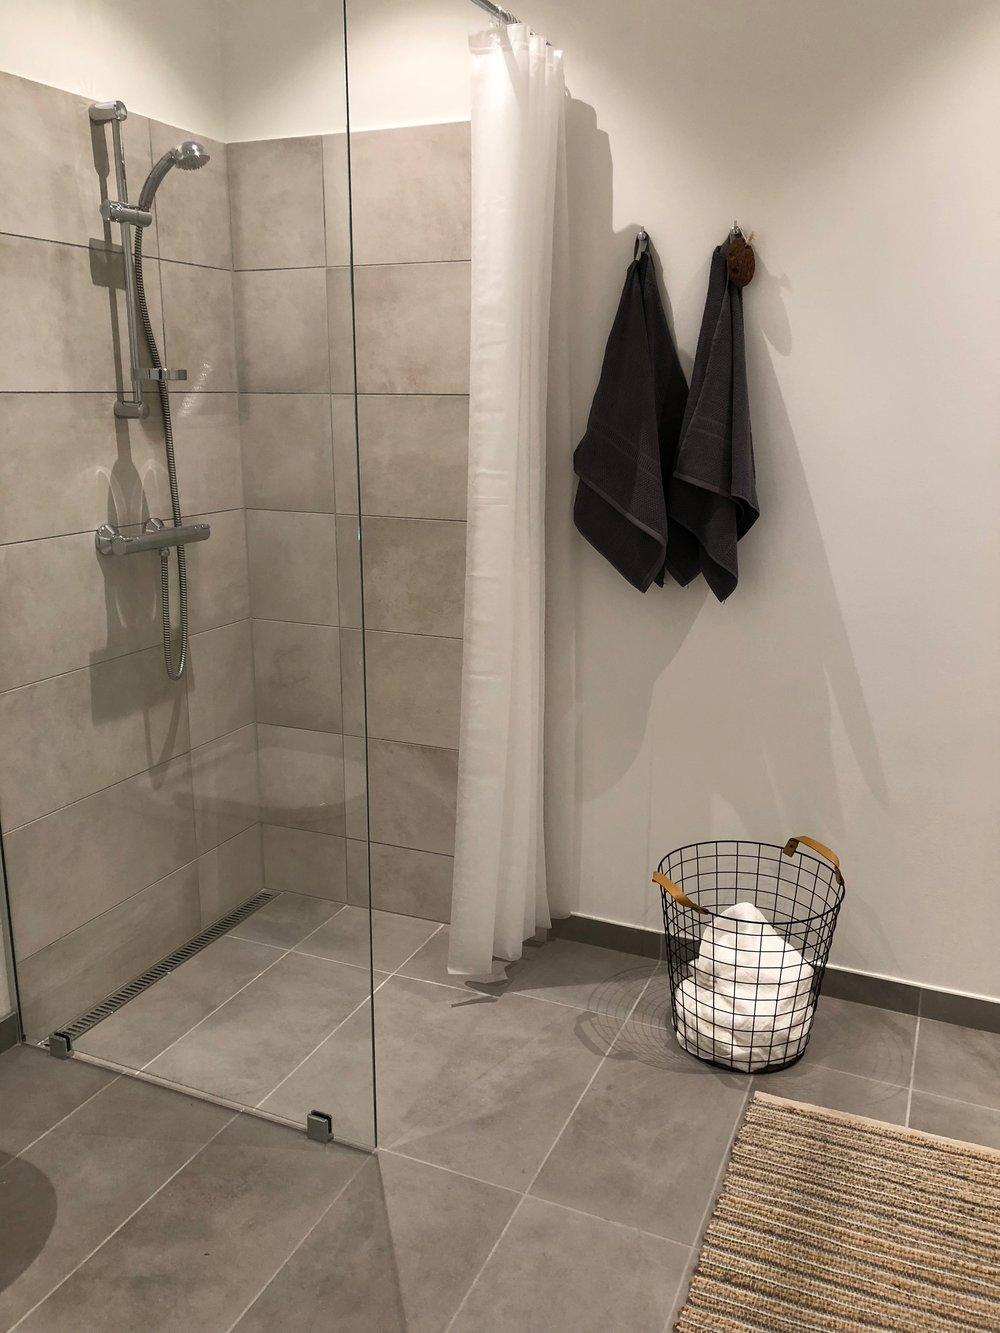 Badeværelset er stort og rummeligt. Nu er det også blevet hyggeligt og rart at være i.